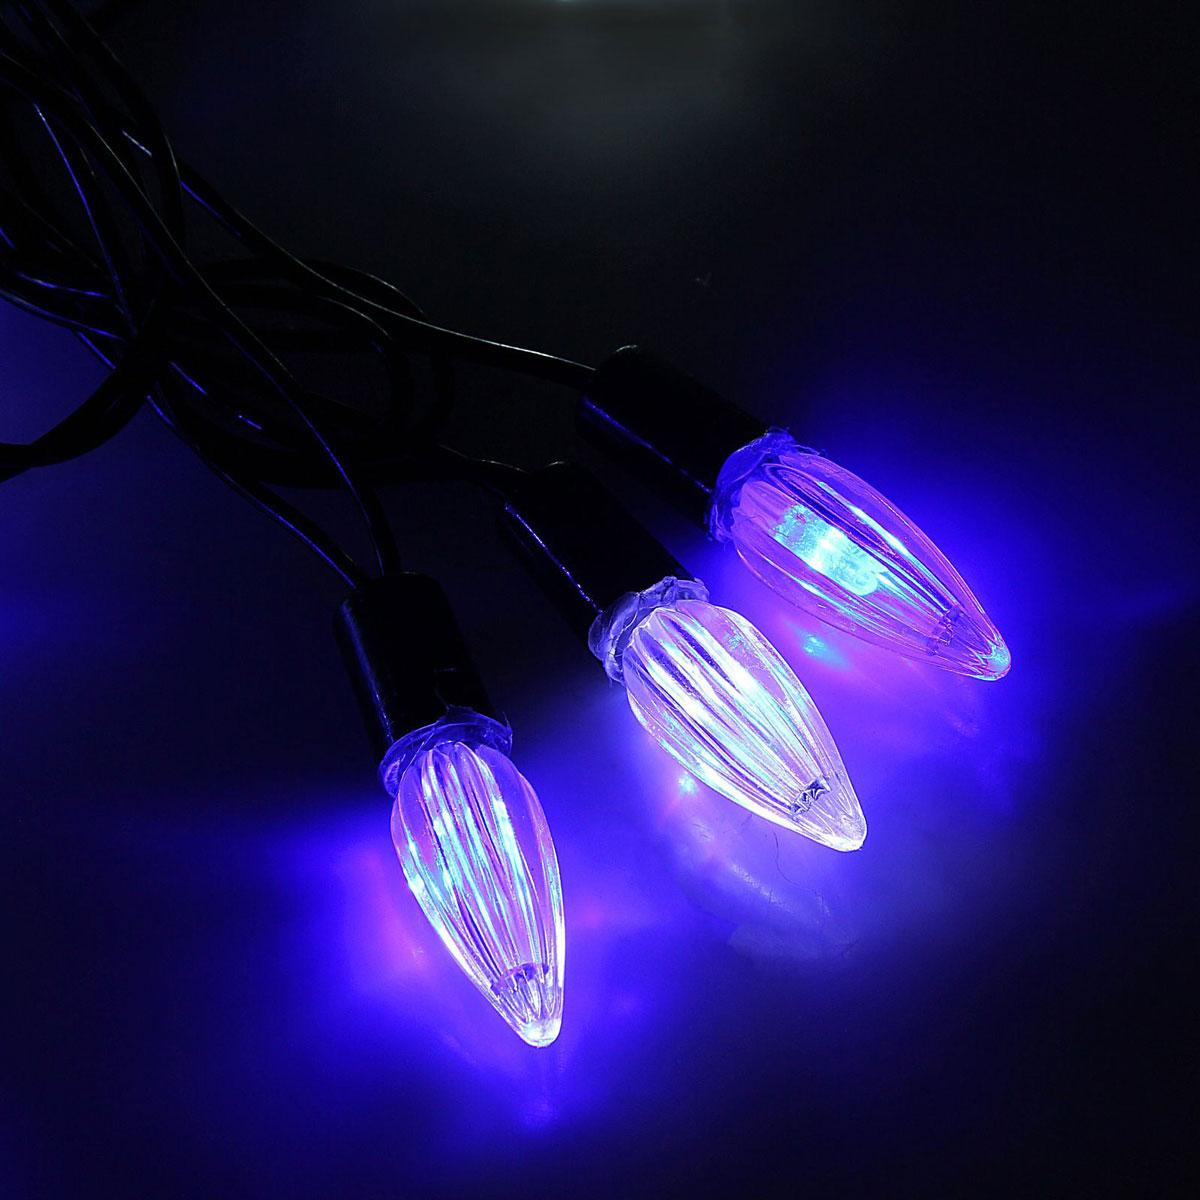 Гирлянда светодиодная Luazon Метраж. Свечки, уличная с насадкой, моргает, 40 ламп, 220 V, 5 м, цвет: синий. 10800501080050Светодиодные гирлянды, ленты и т.д. — это отличный вариант для новогоднего оформления интерьера или фасада. С их помощью помещение любого размера можно превратить в праздничный зал, а внешние элементы зданий, украшенные ими, мгновенно станут напоминать очертания сказочного дворца. Такие украшения создают ауру предвкушения чуда. Деревья, фасады, витрины, окна и арки будто специально созданы, чтобы вы украсили их светящимися нитями.